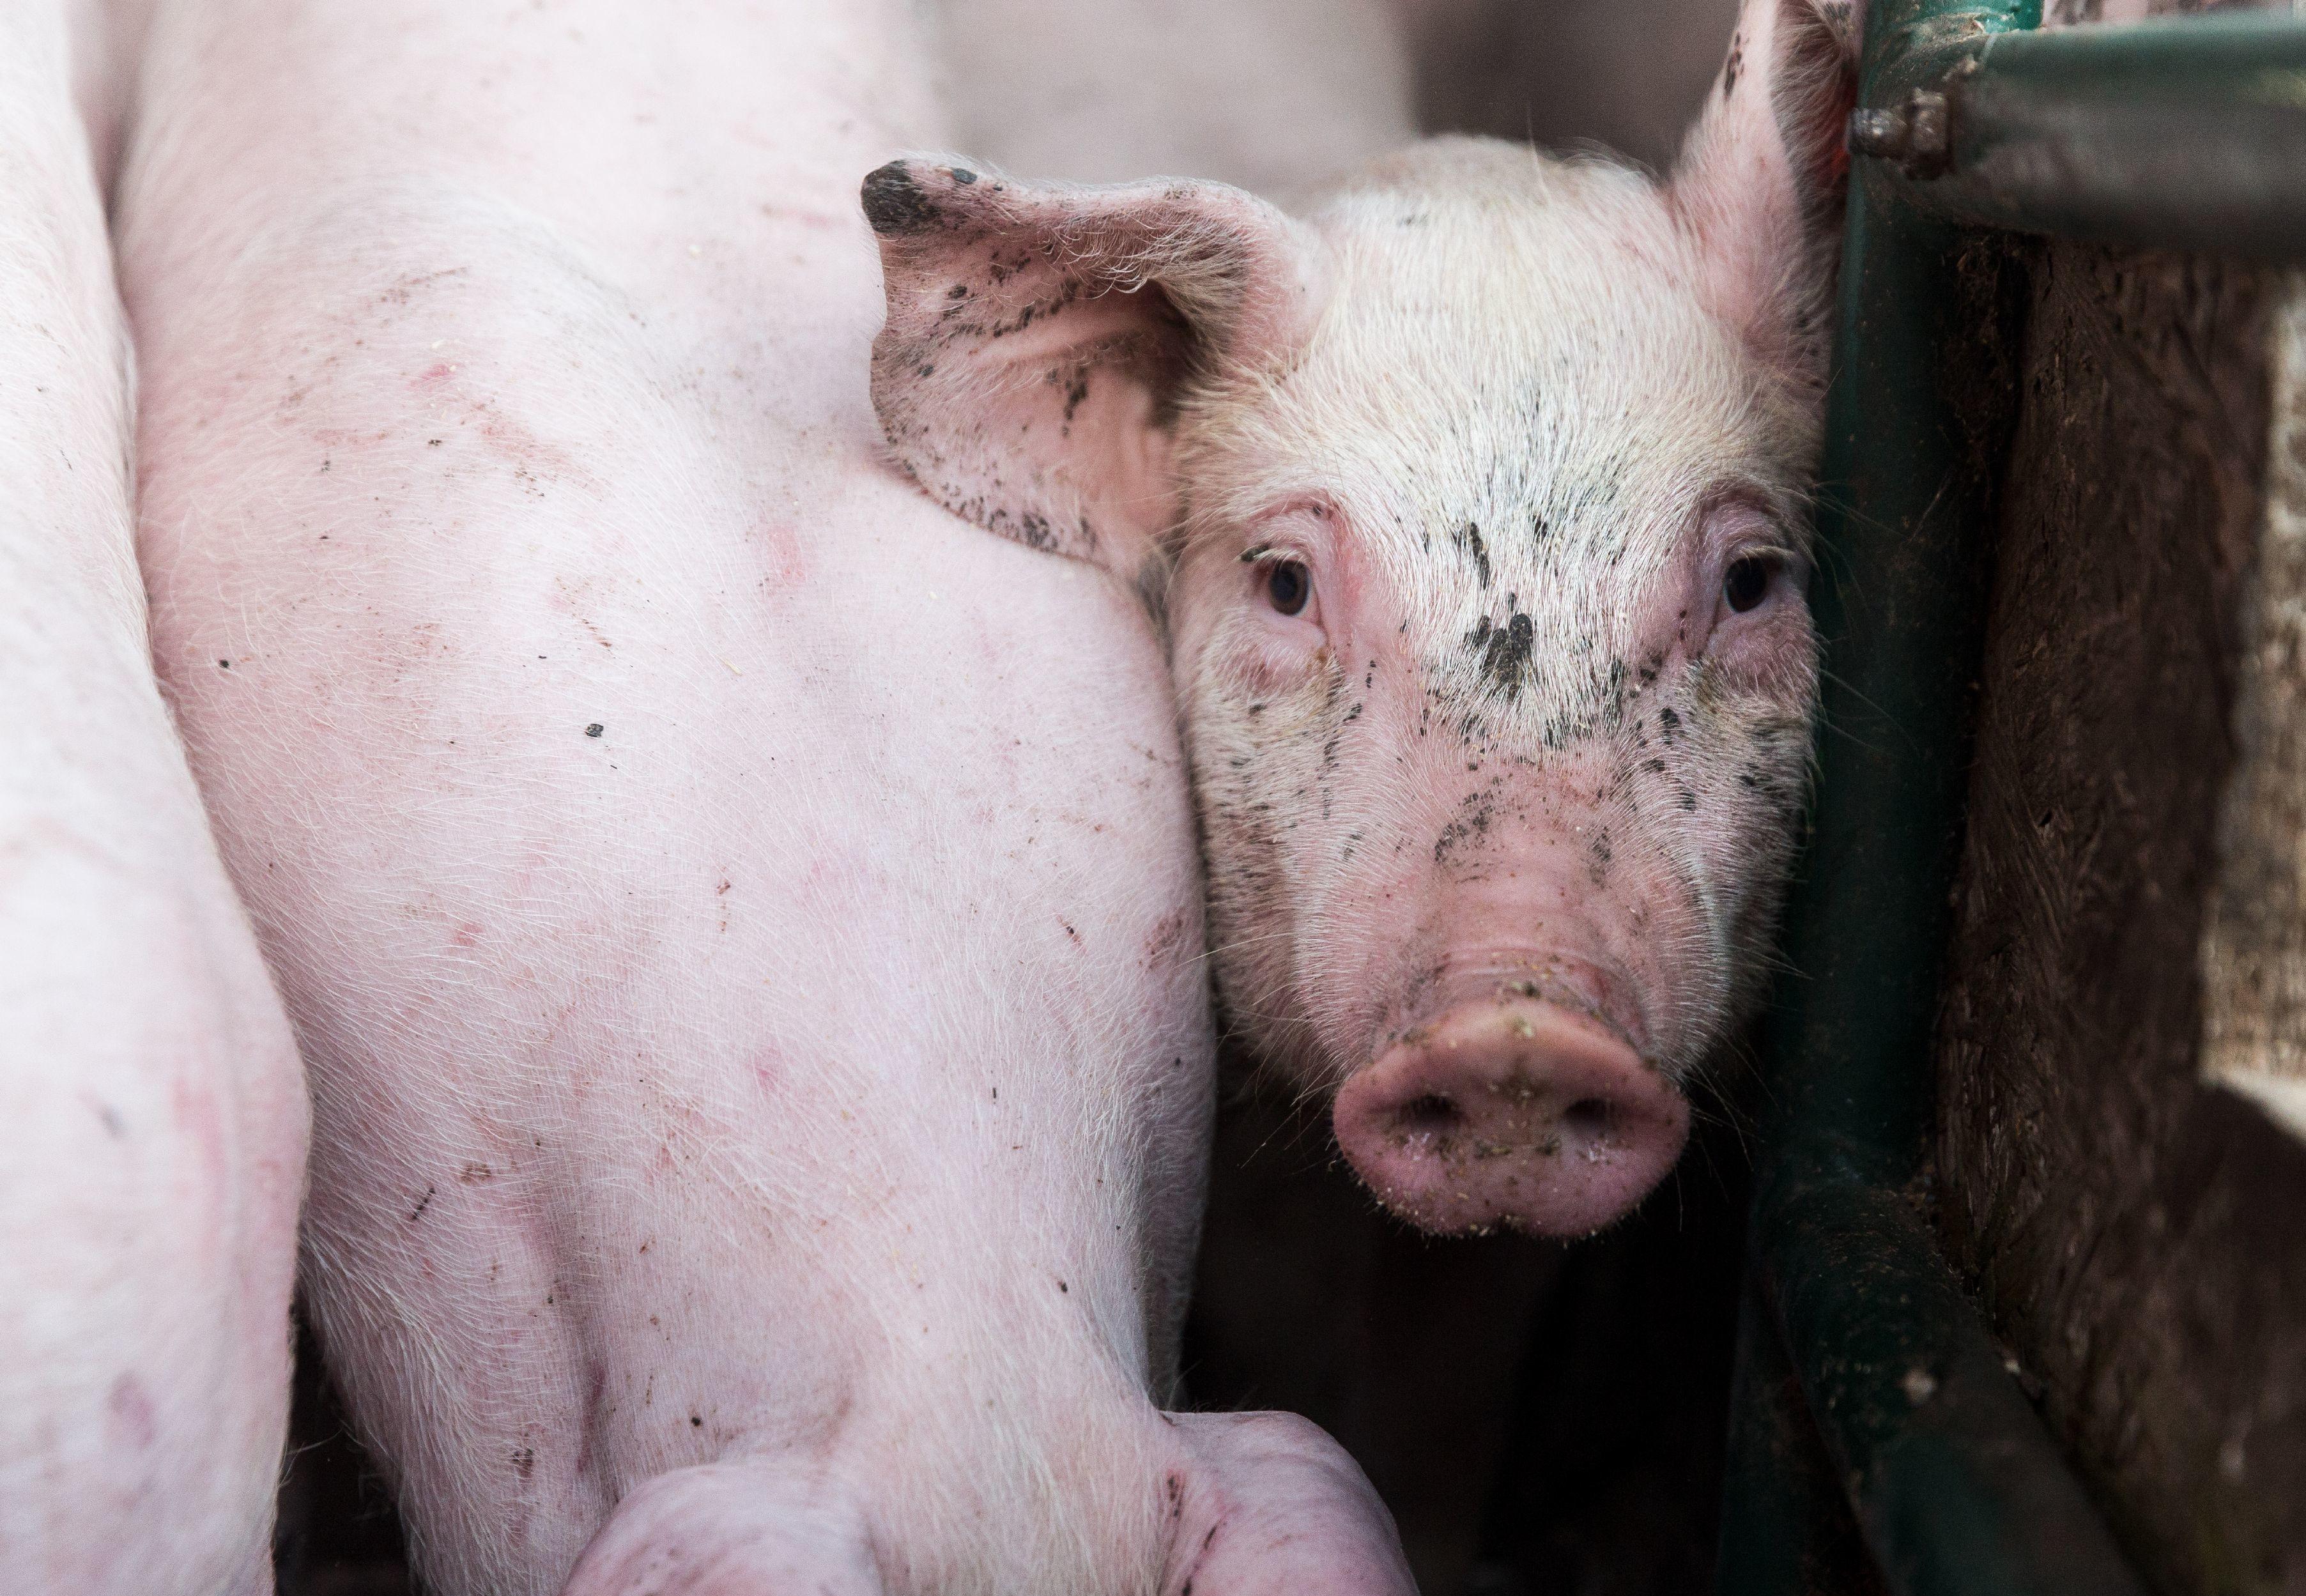 Junge Schweine sehen oft nie die Sonne.